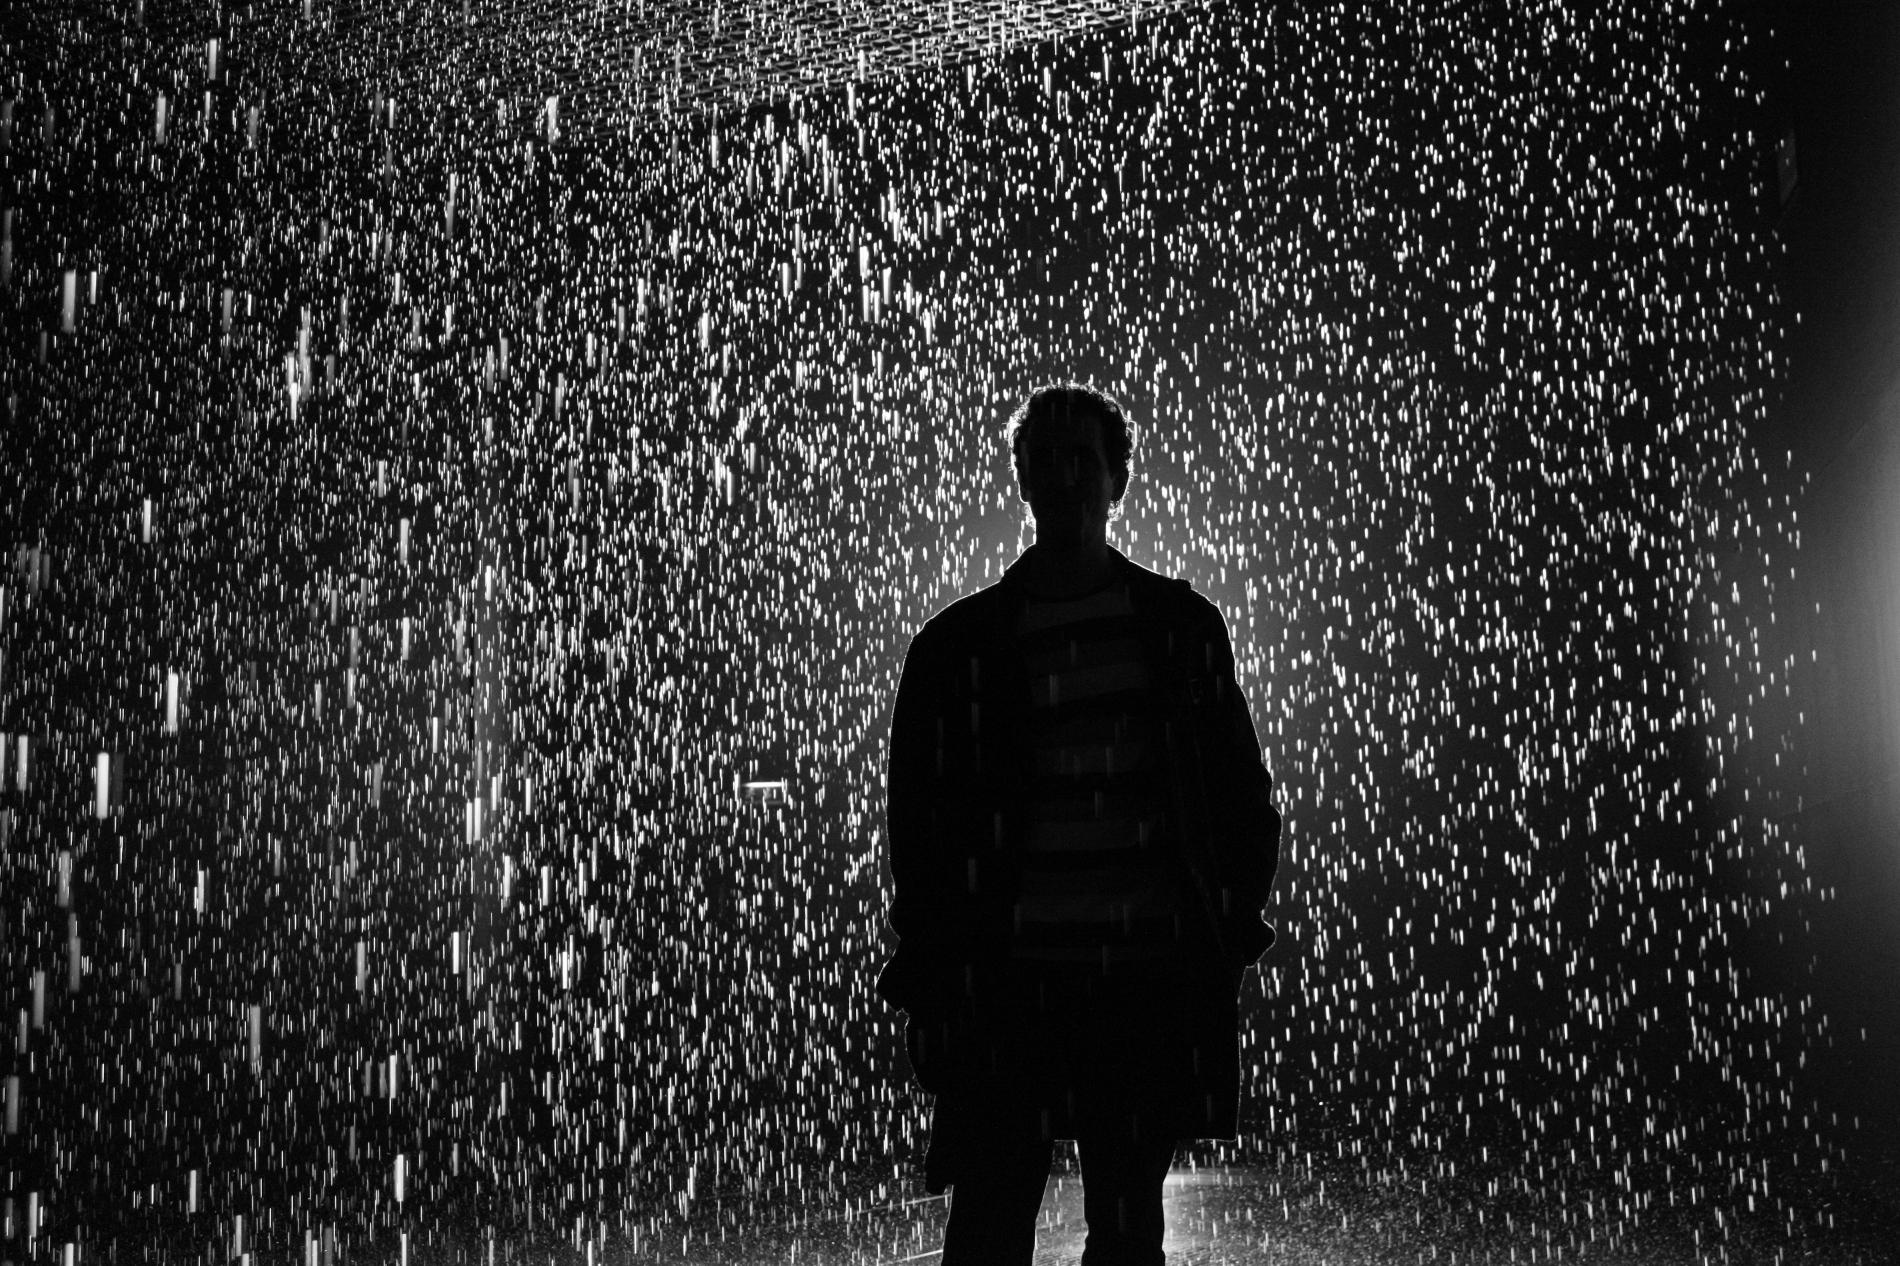 несколько лет картинка человек под дождем где взять